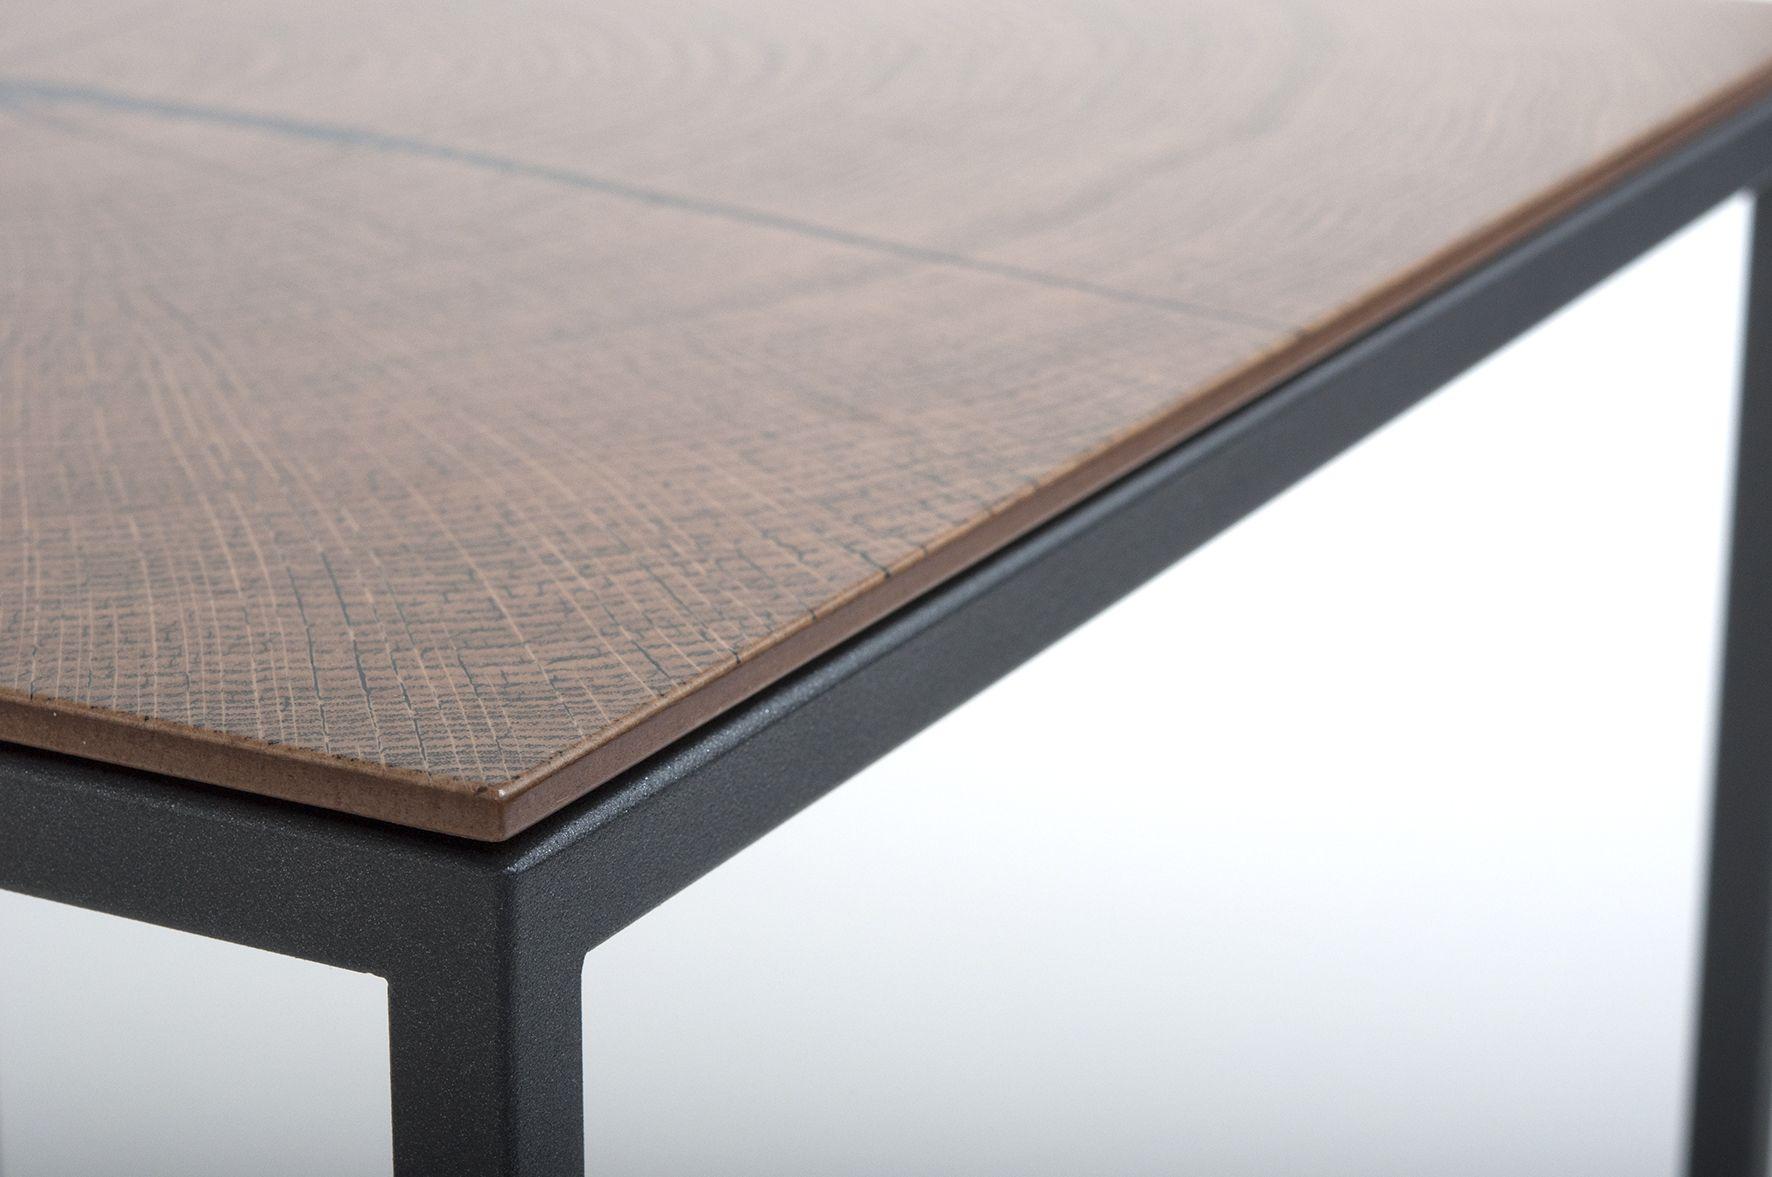 Die Tischplatte besteht aus einer 19 mm starken MDF Platte